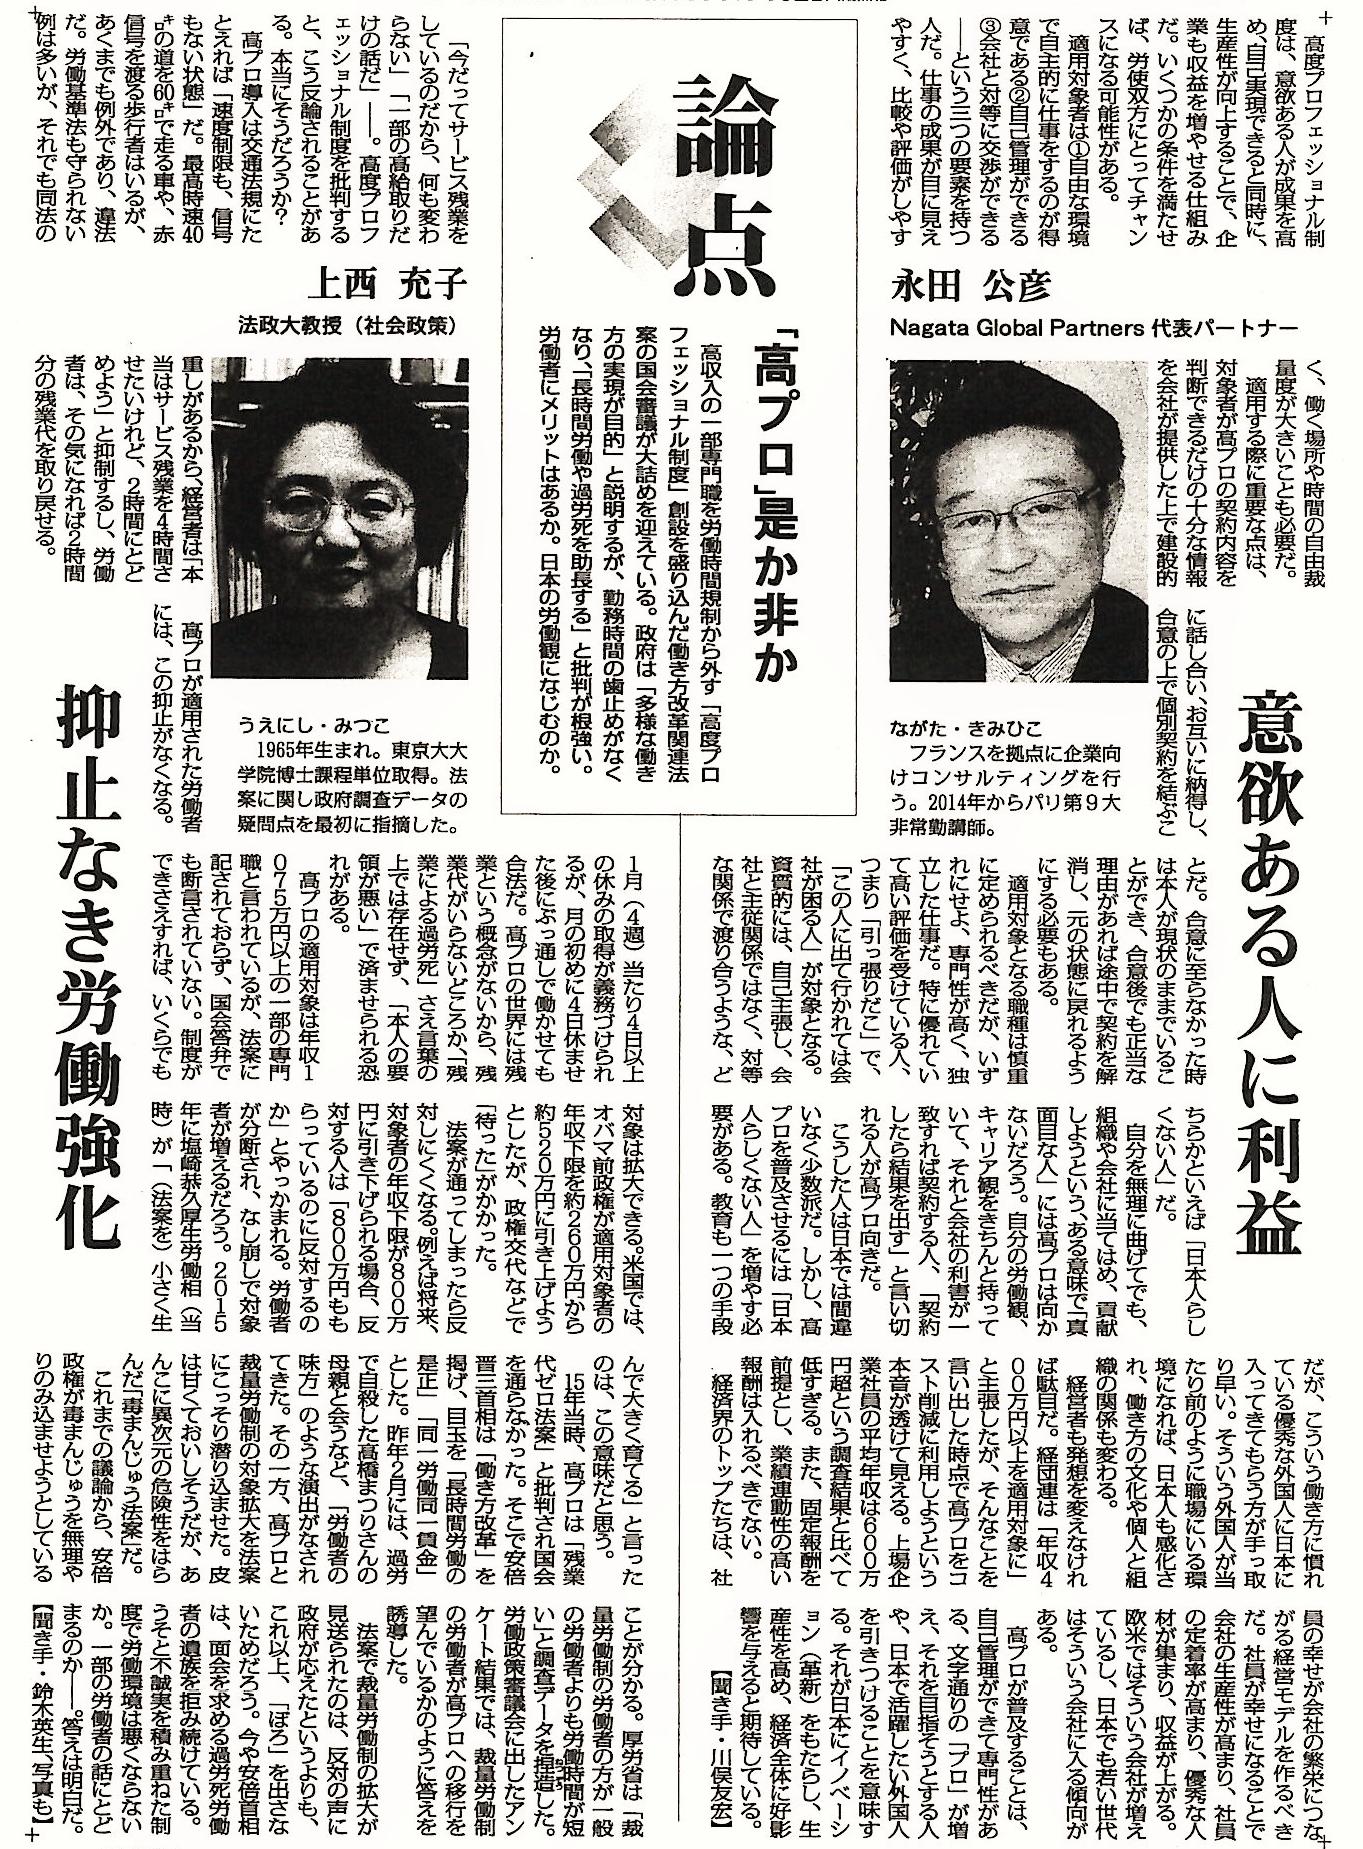 毎日新聞 2018年6月9日朝刊記事